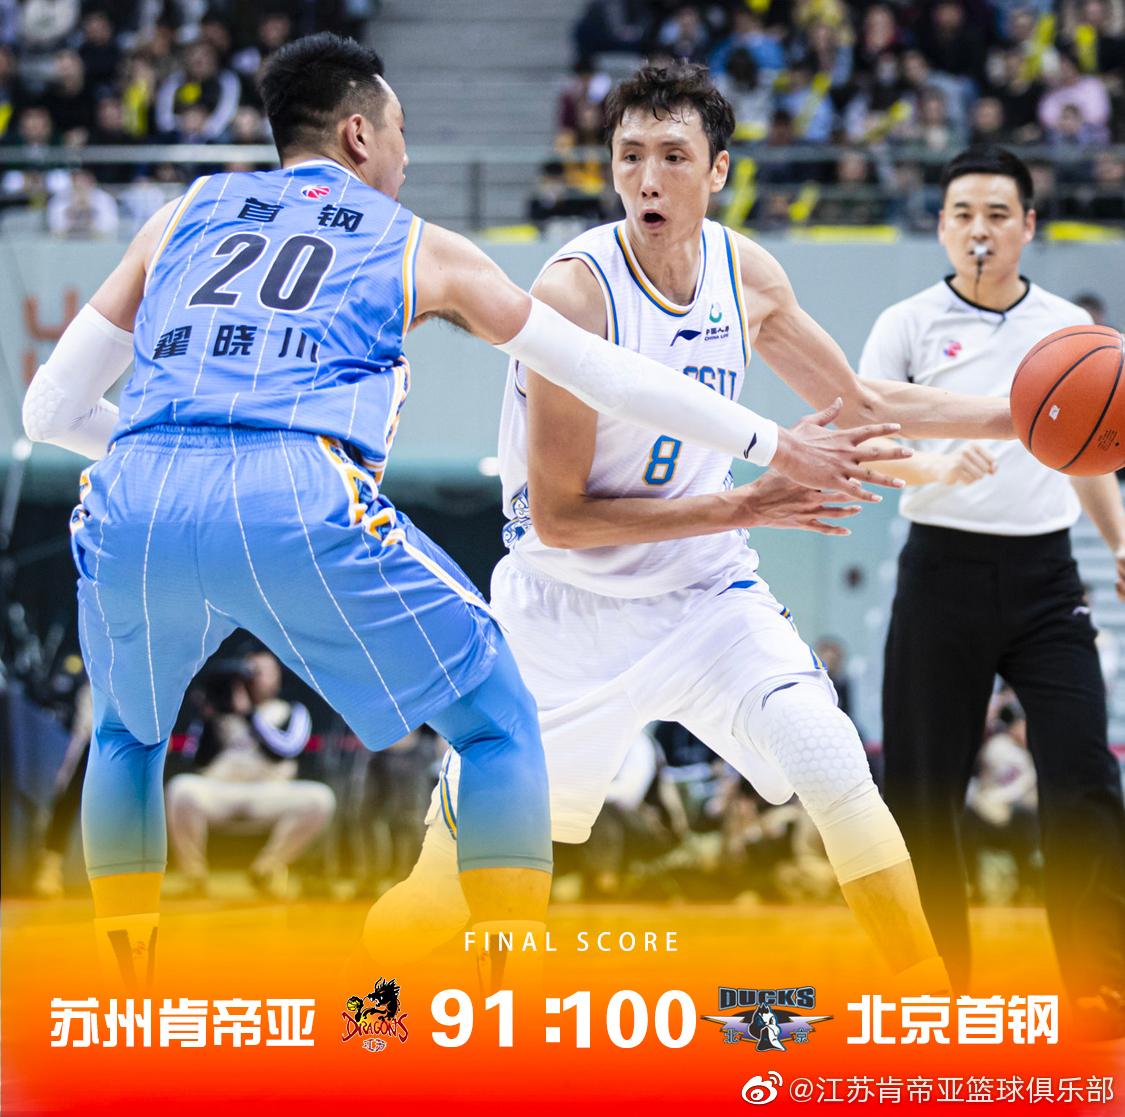 全场比赛结束,苏州肯帝亚91比100不敌北京首钢。全场比赛